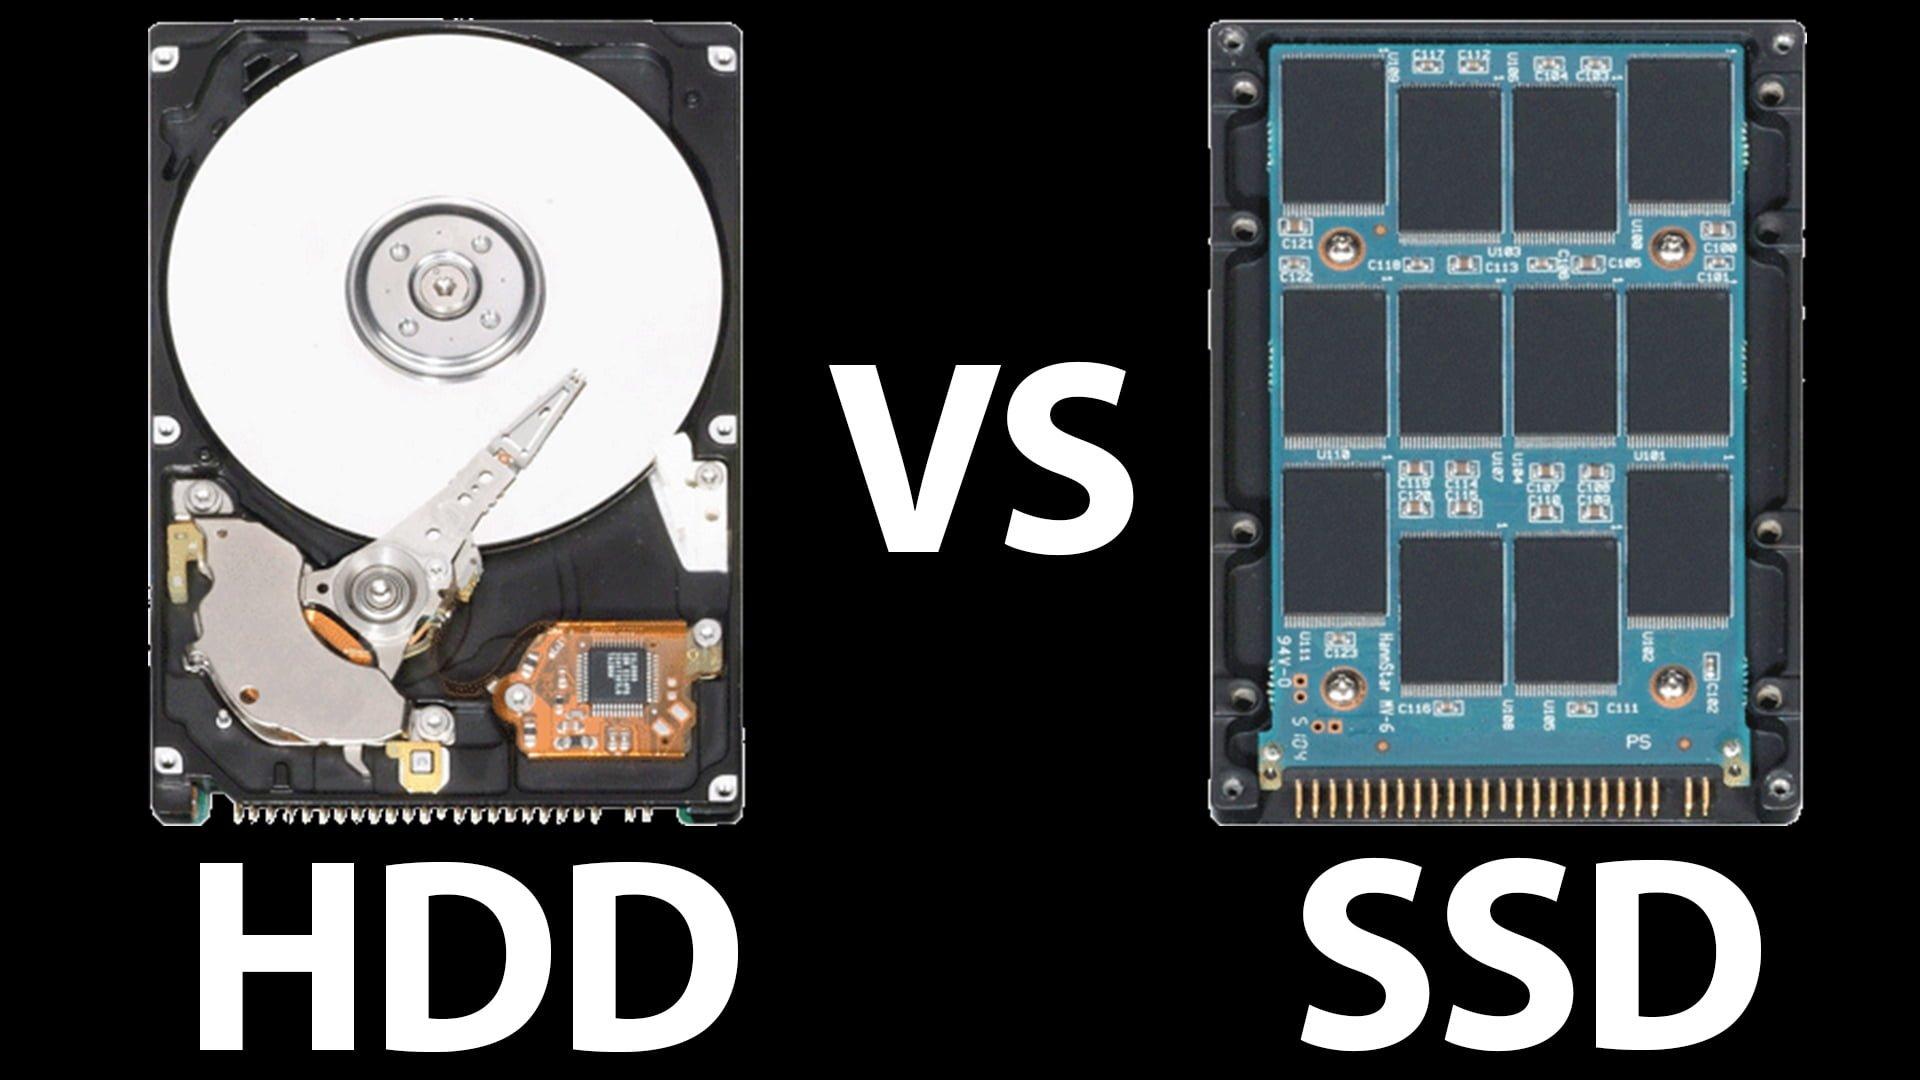 Ổ cứng SSD và HDD khác nhau như thế nào? Có nên sài SSD hay không?